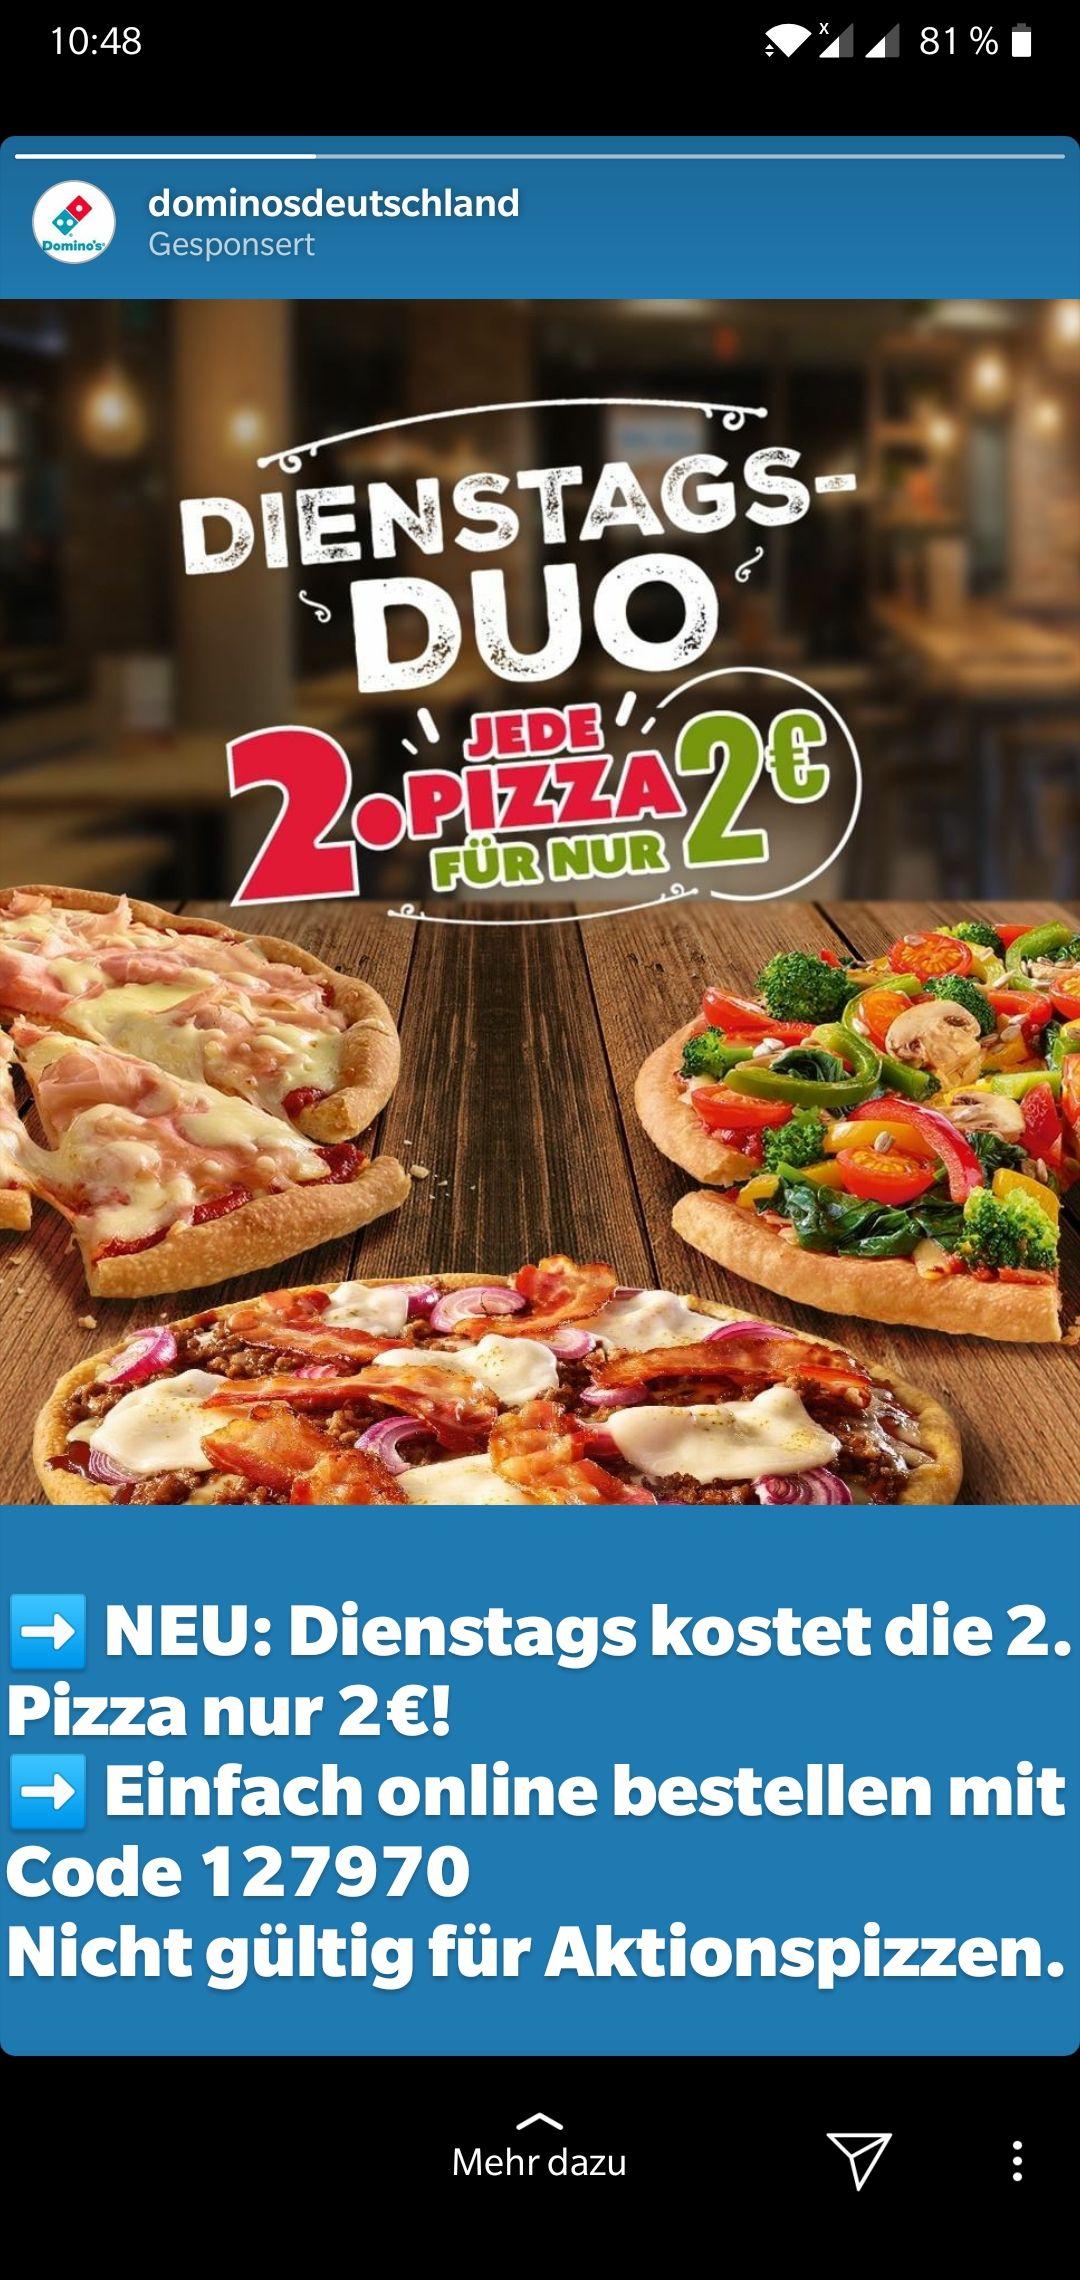 [Dominos] Dienstags 2. Pizza für 2€ (außer Aktionspizzen)